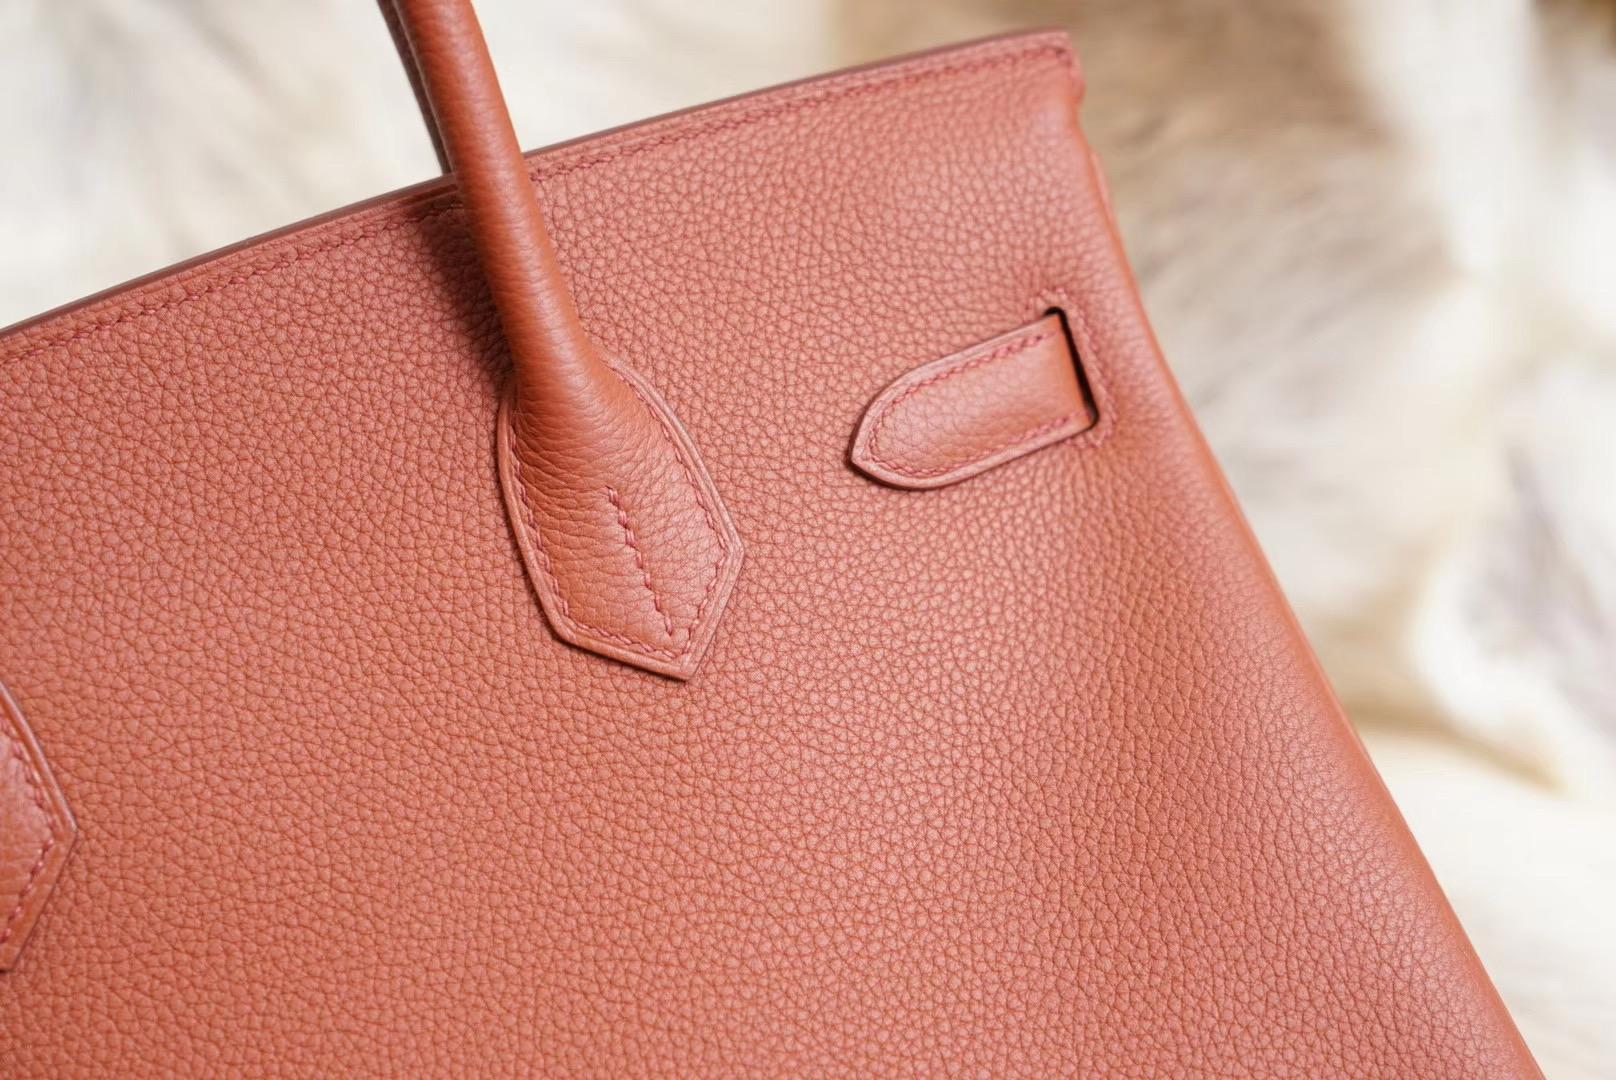 Birkin 古铜色 BK30 原厂Togo皮 法国蜡线 全手缝